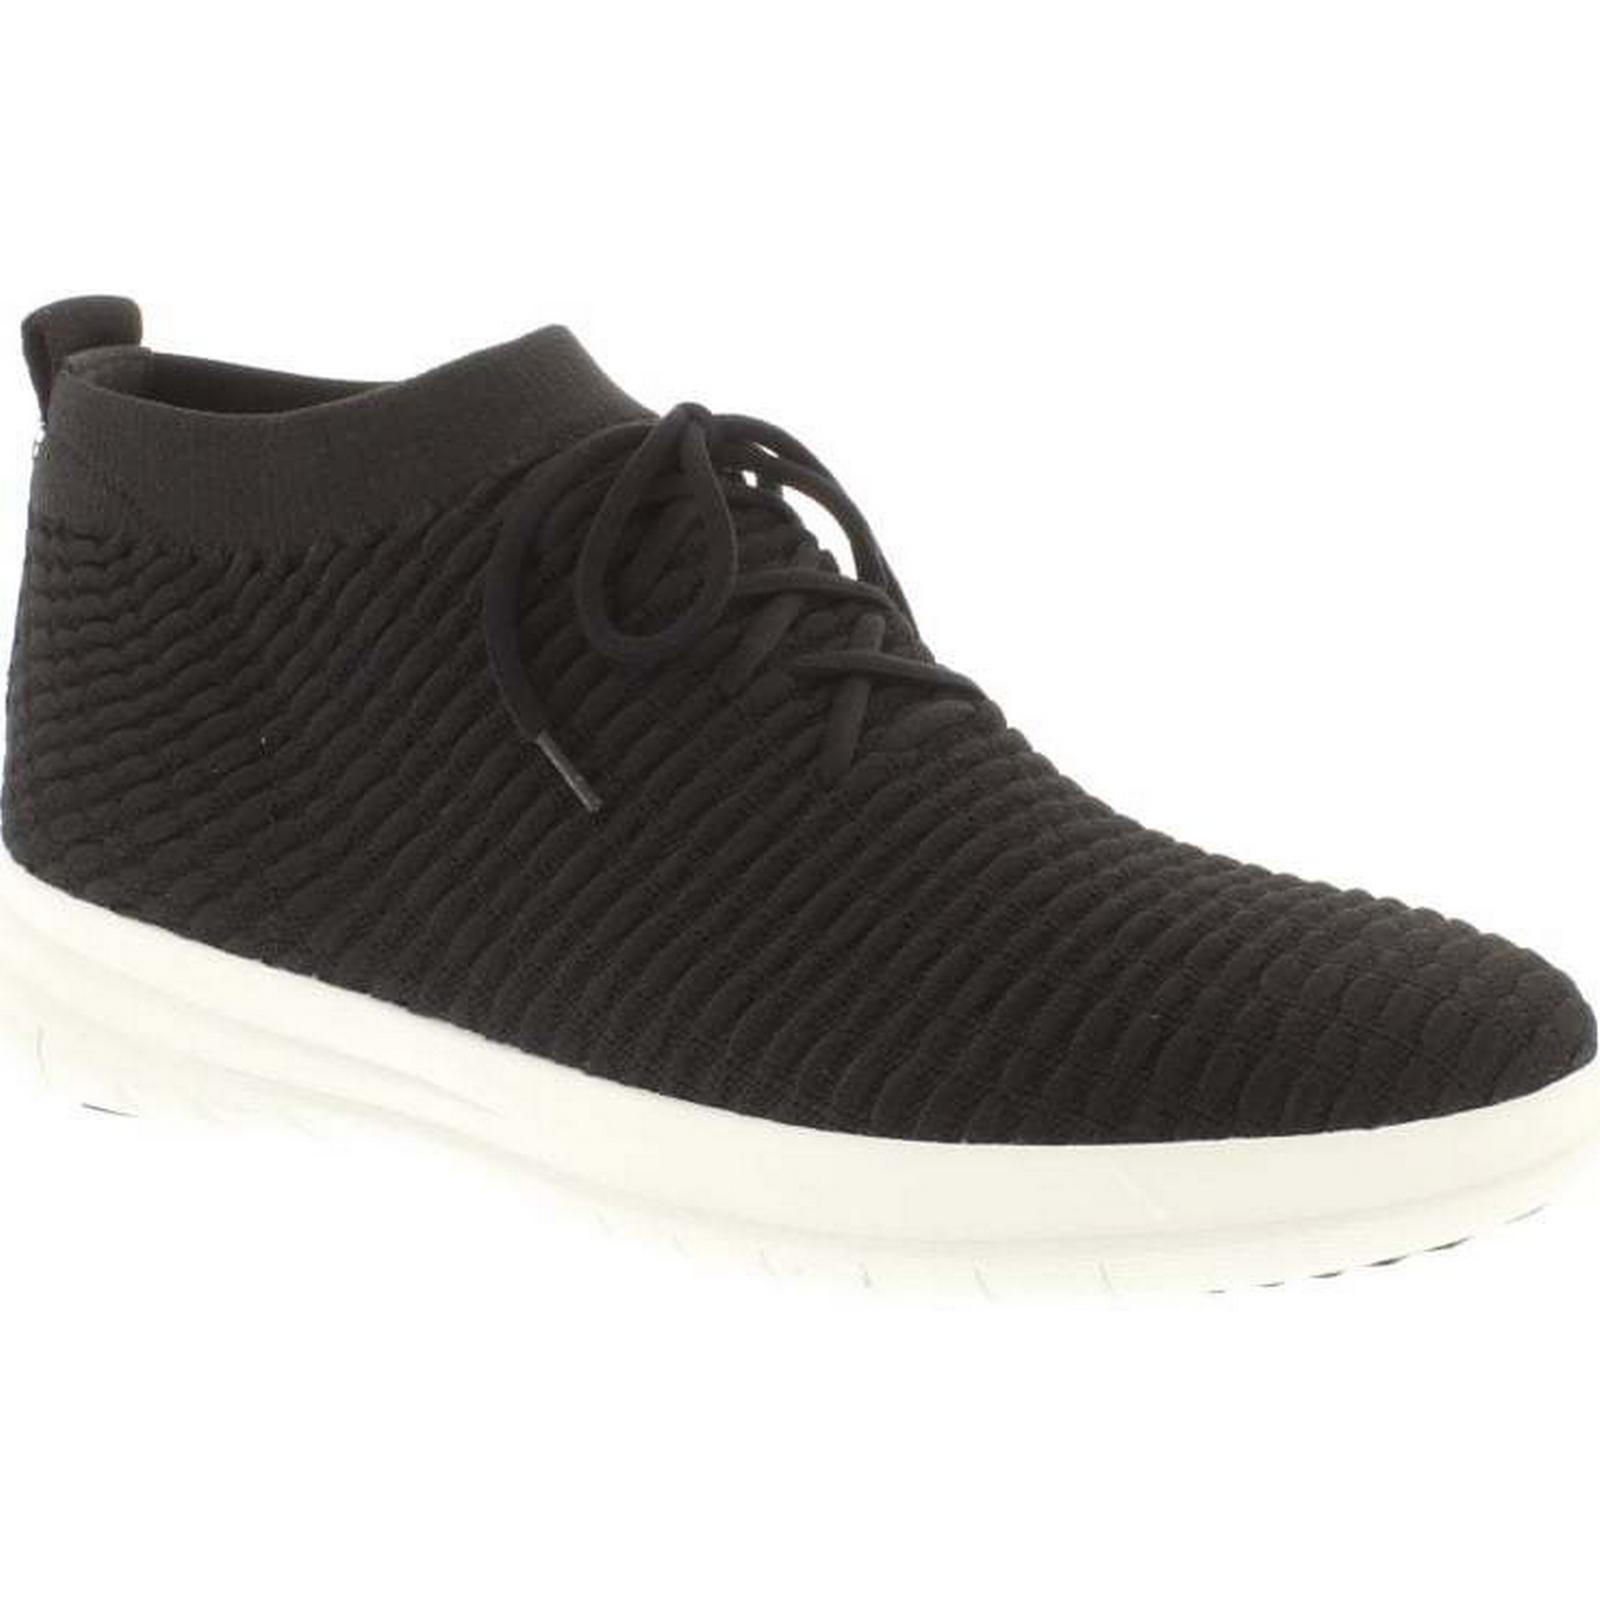 FitFlop™ FitFlop Uberknit Slip On High Top Sneaker  - Size: Black Size: - 11 UK f51713